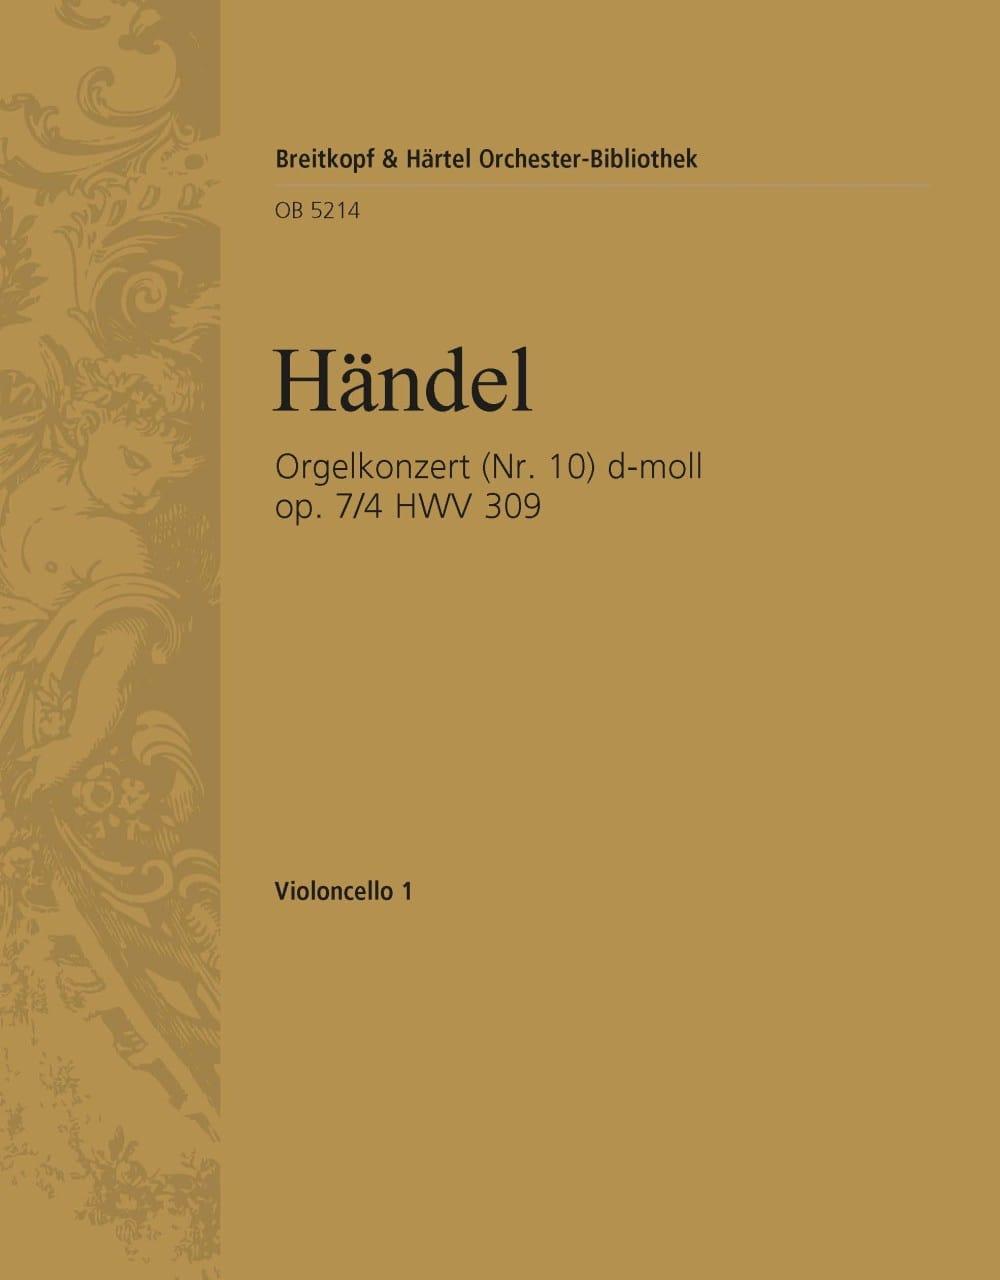 Orgelkonzert d-moll op. 7/4 HWV 309 - HAENDEL - laflutedepan.com